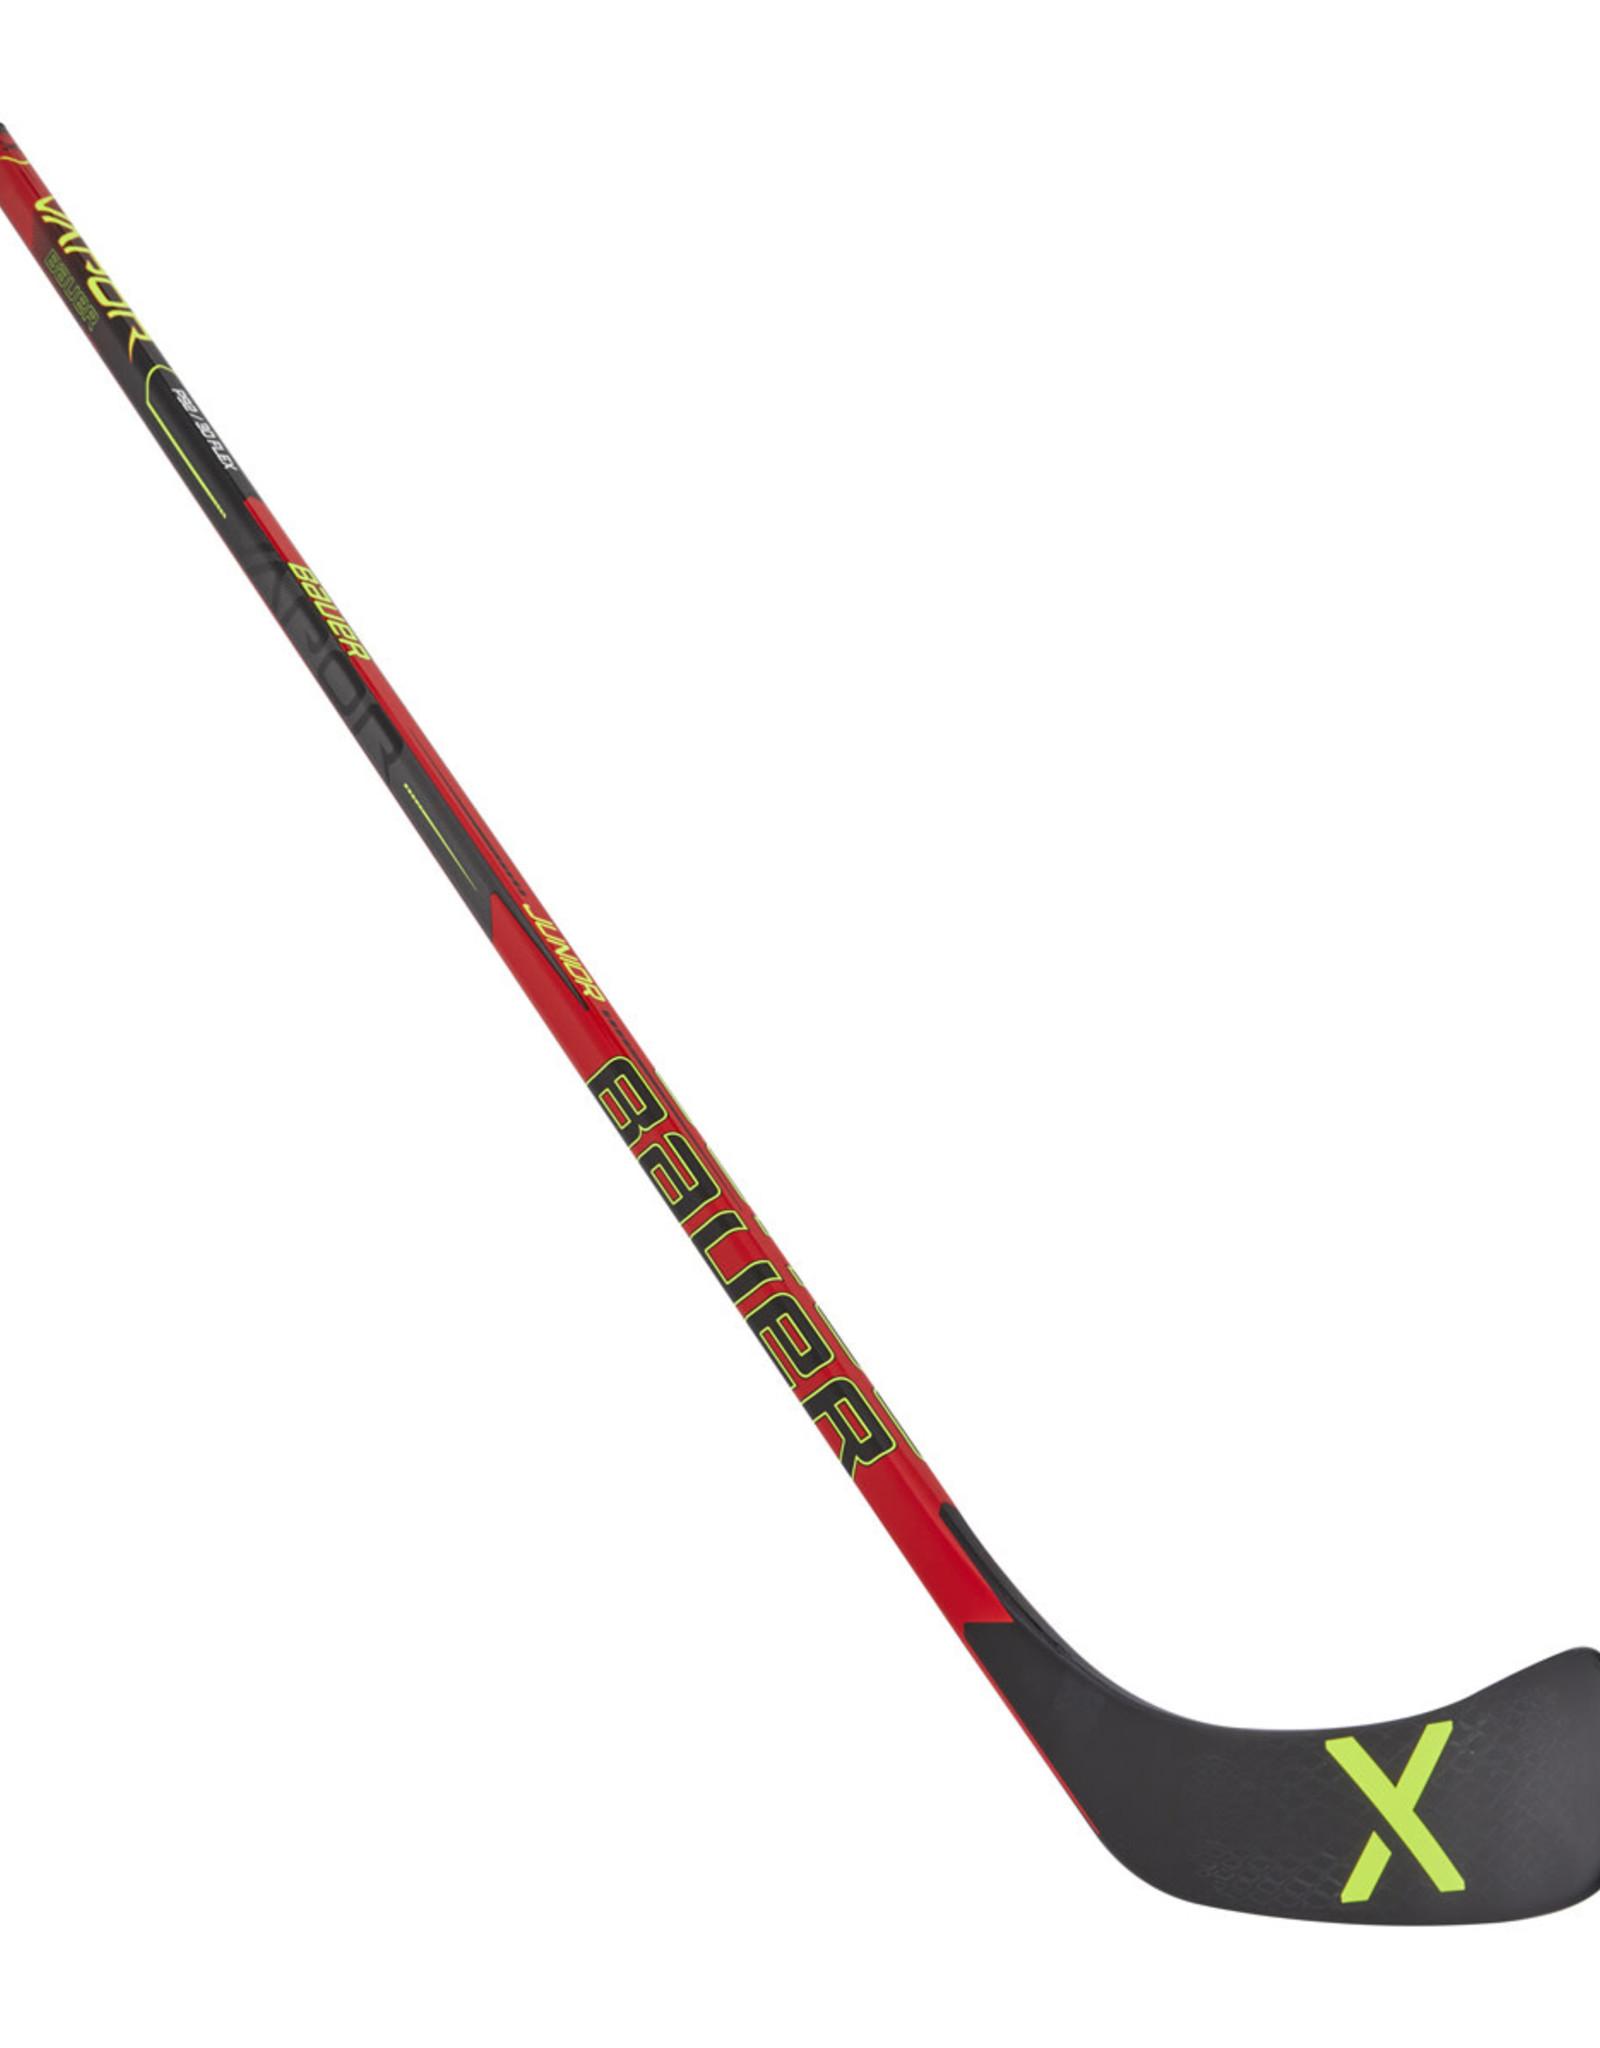 Bauer Vapor Grip Comp Stick Yth P92